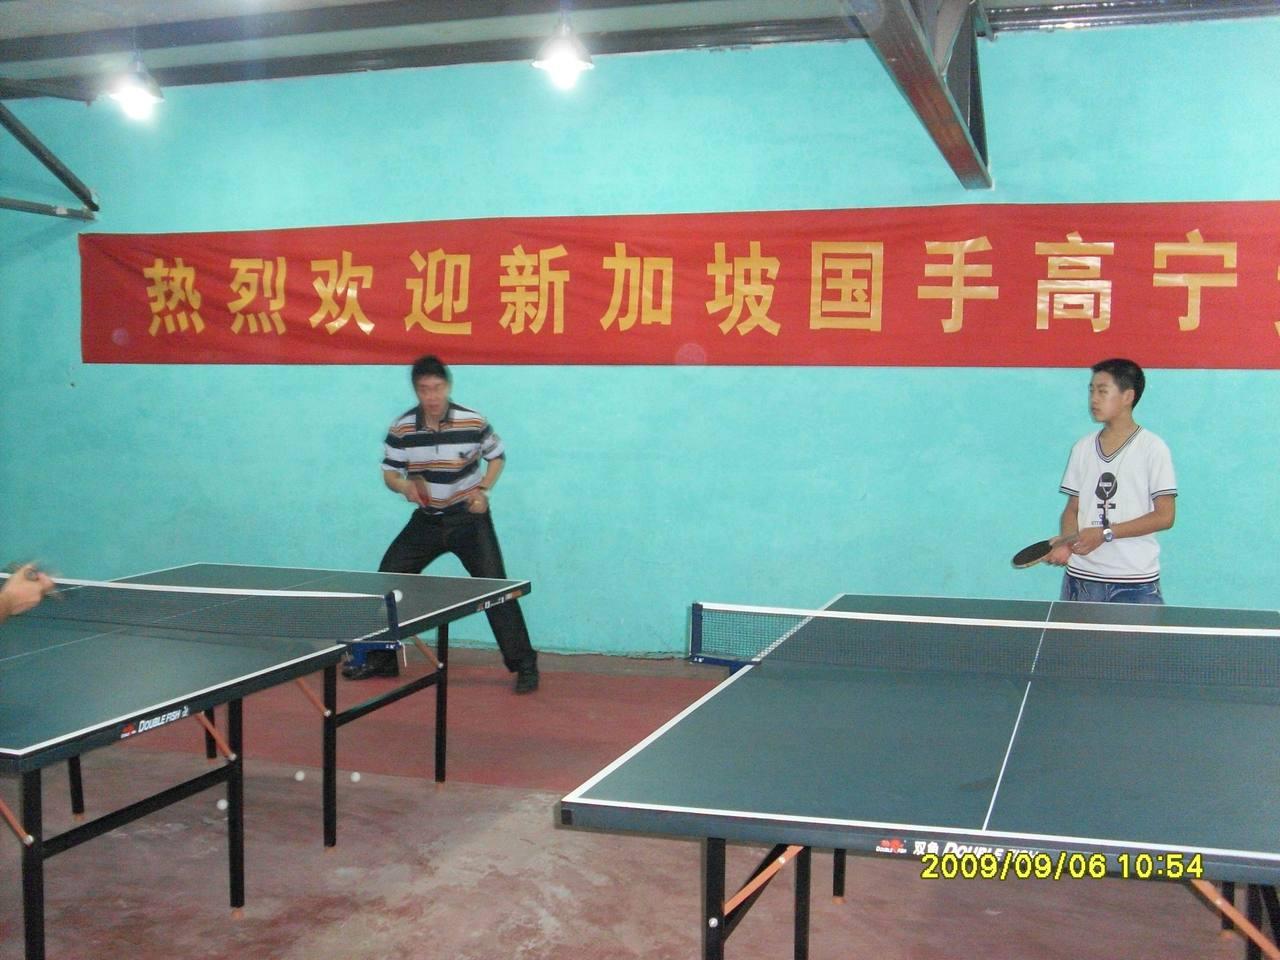 6新加坡乒乓手宁来到我县乒乓球俱乐部